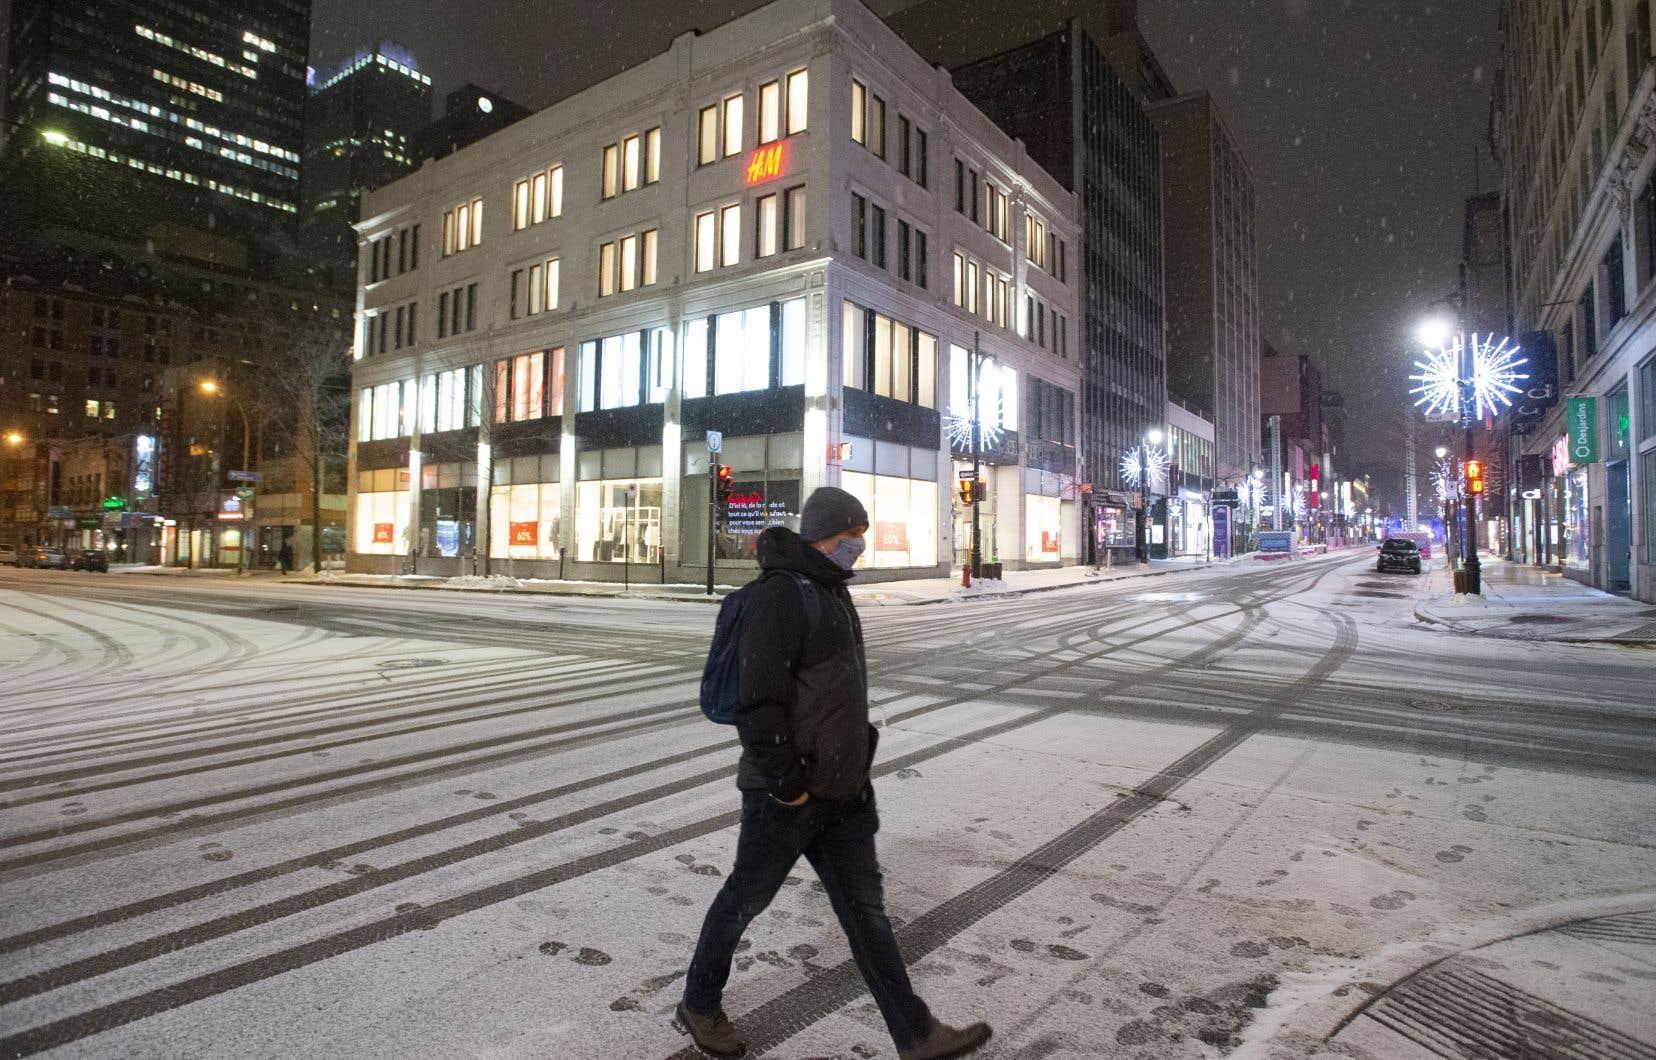 «Doit-on cependant aller jusqu'à présumer que quiconque sort dans la rue va désobéir?» se demande l'auteur.